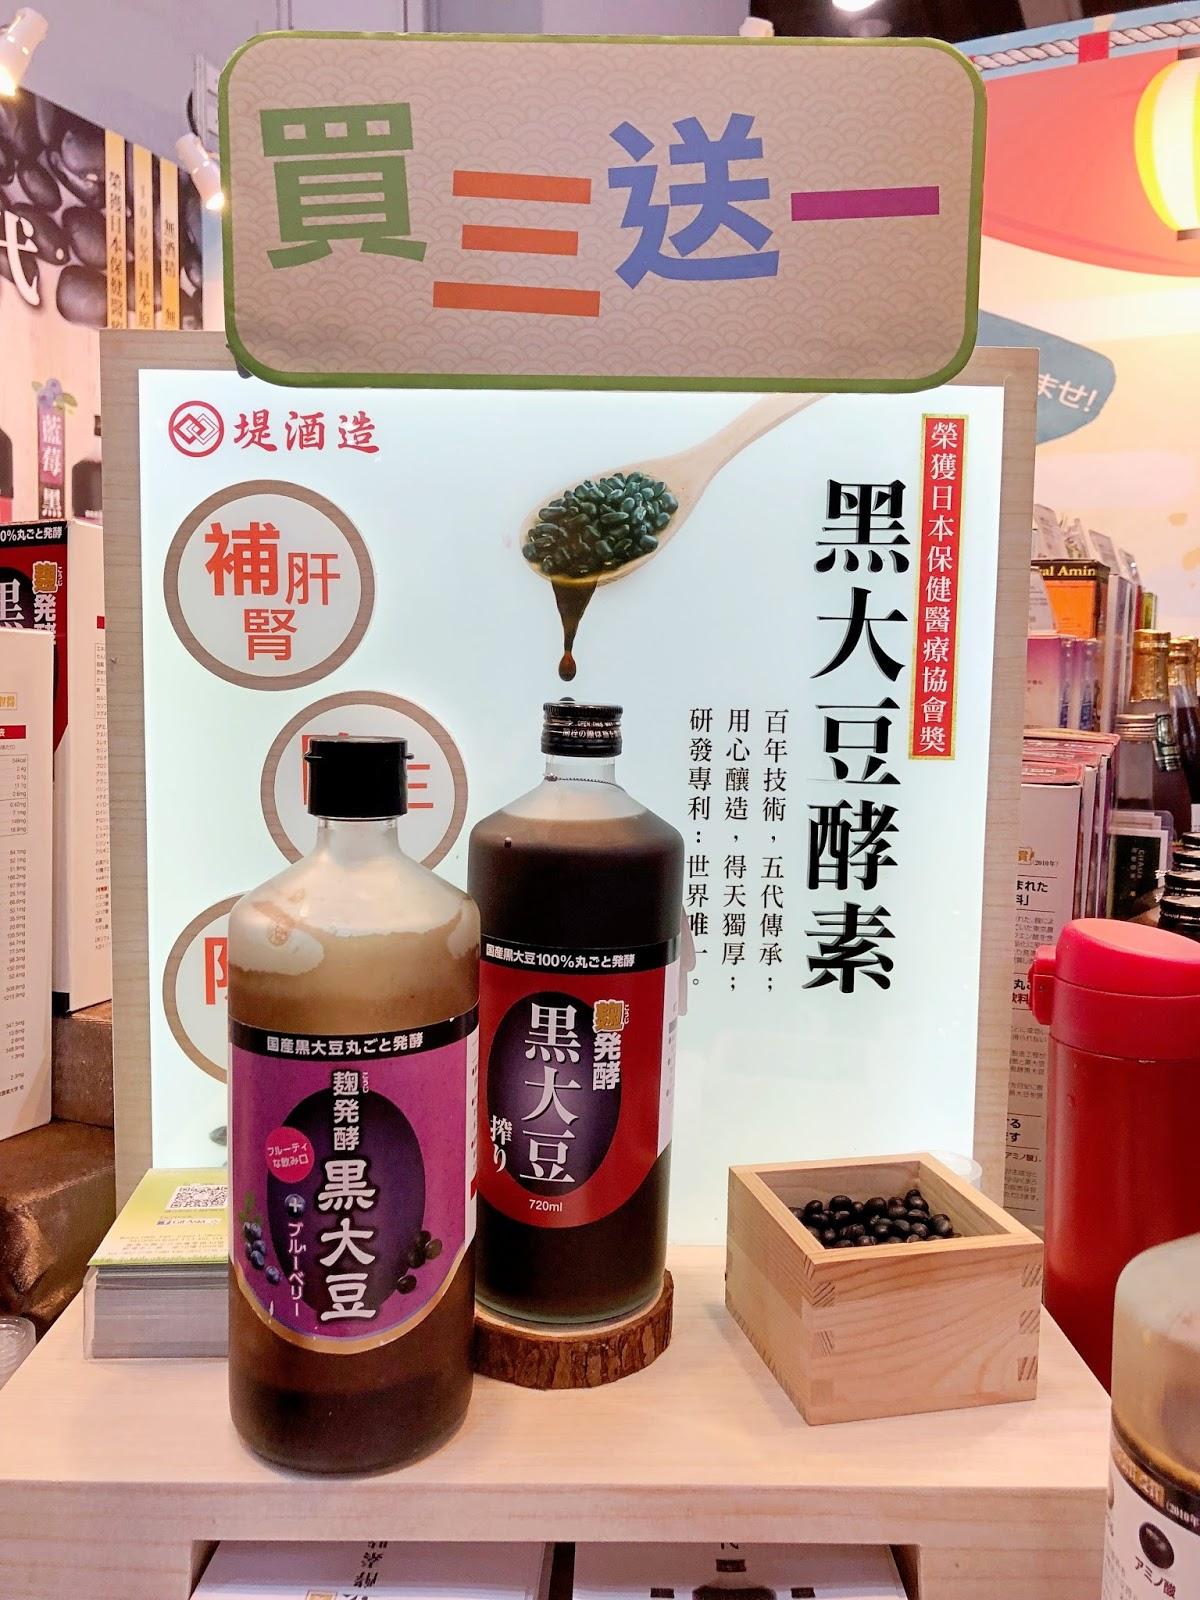 養生健康之選!來自日本的藍莓黑大豆酵素 | stellastellac – U Blog 博客